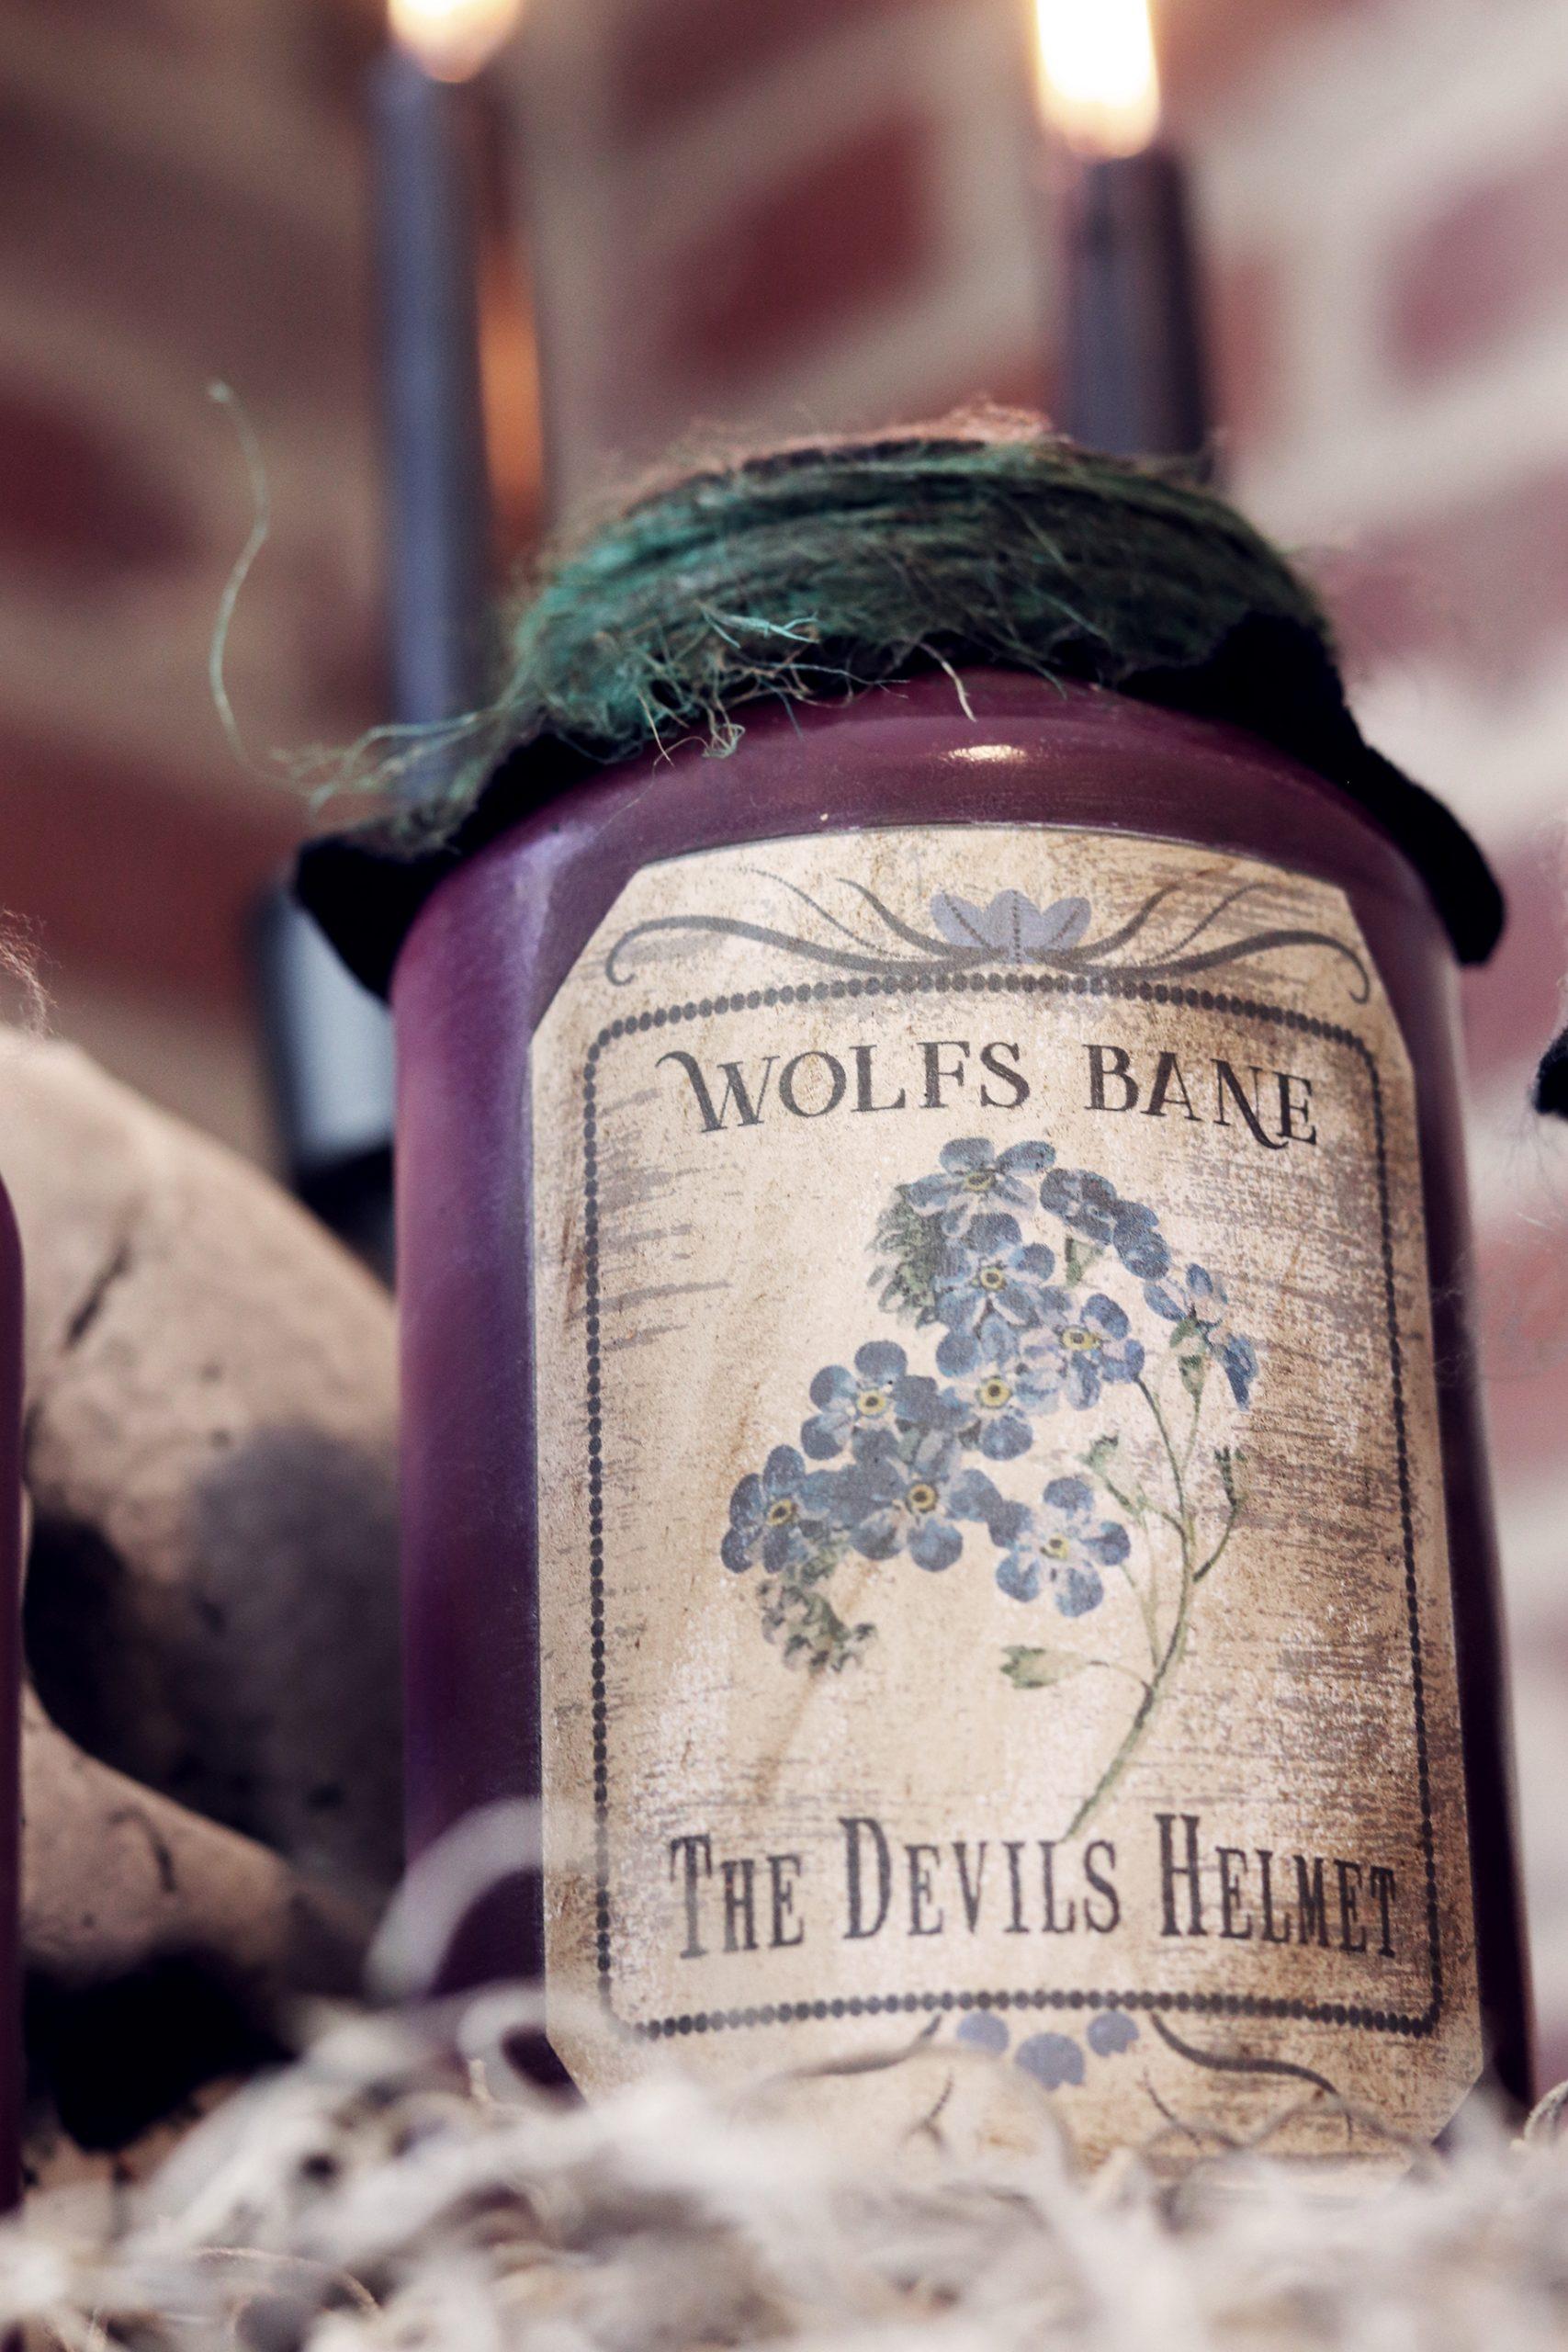 Boroughfare Wolfs Bane Potion Bottle